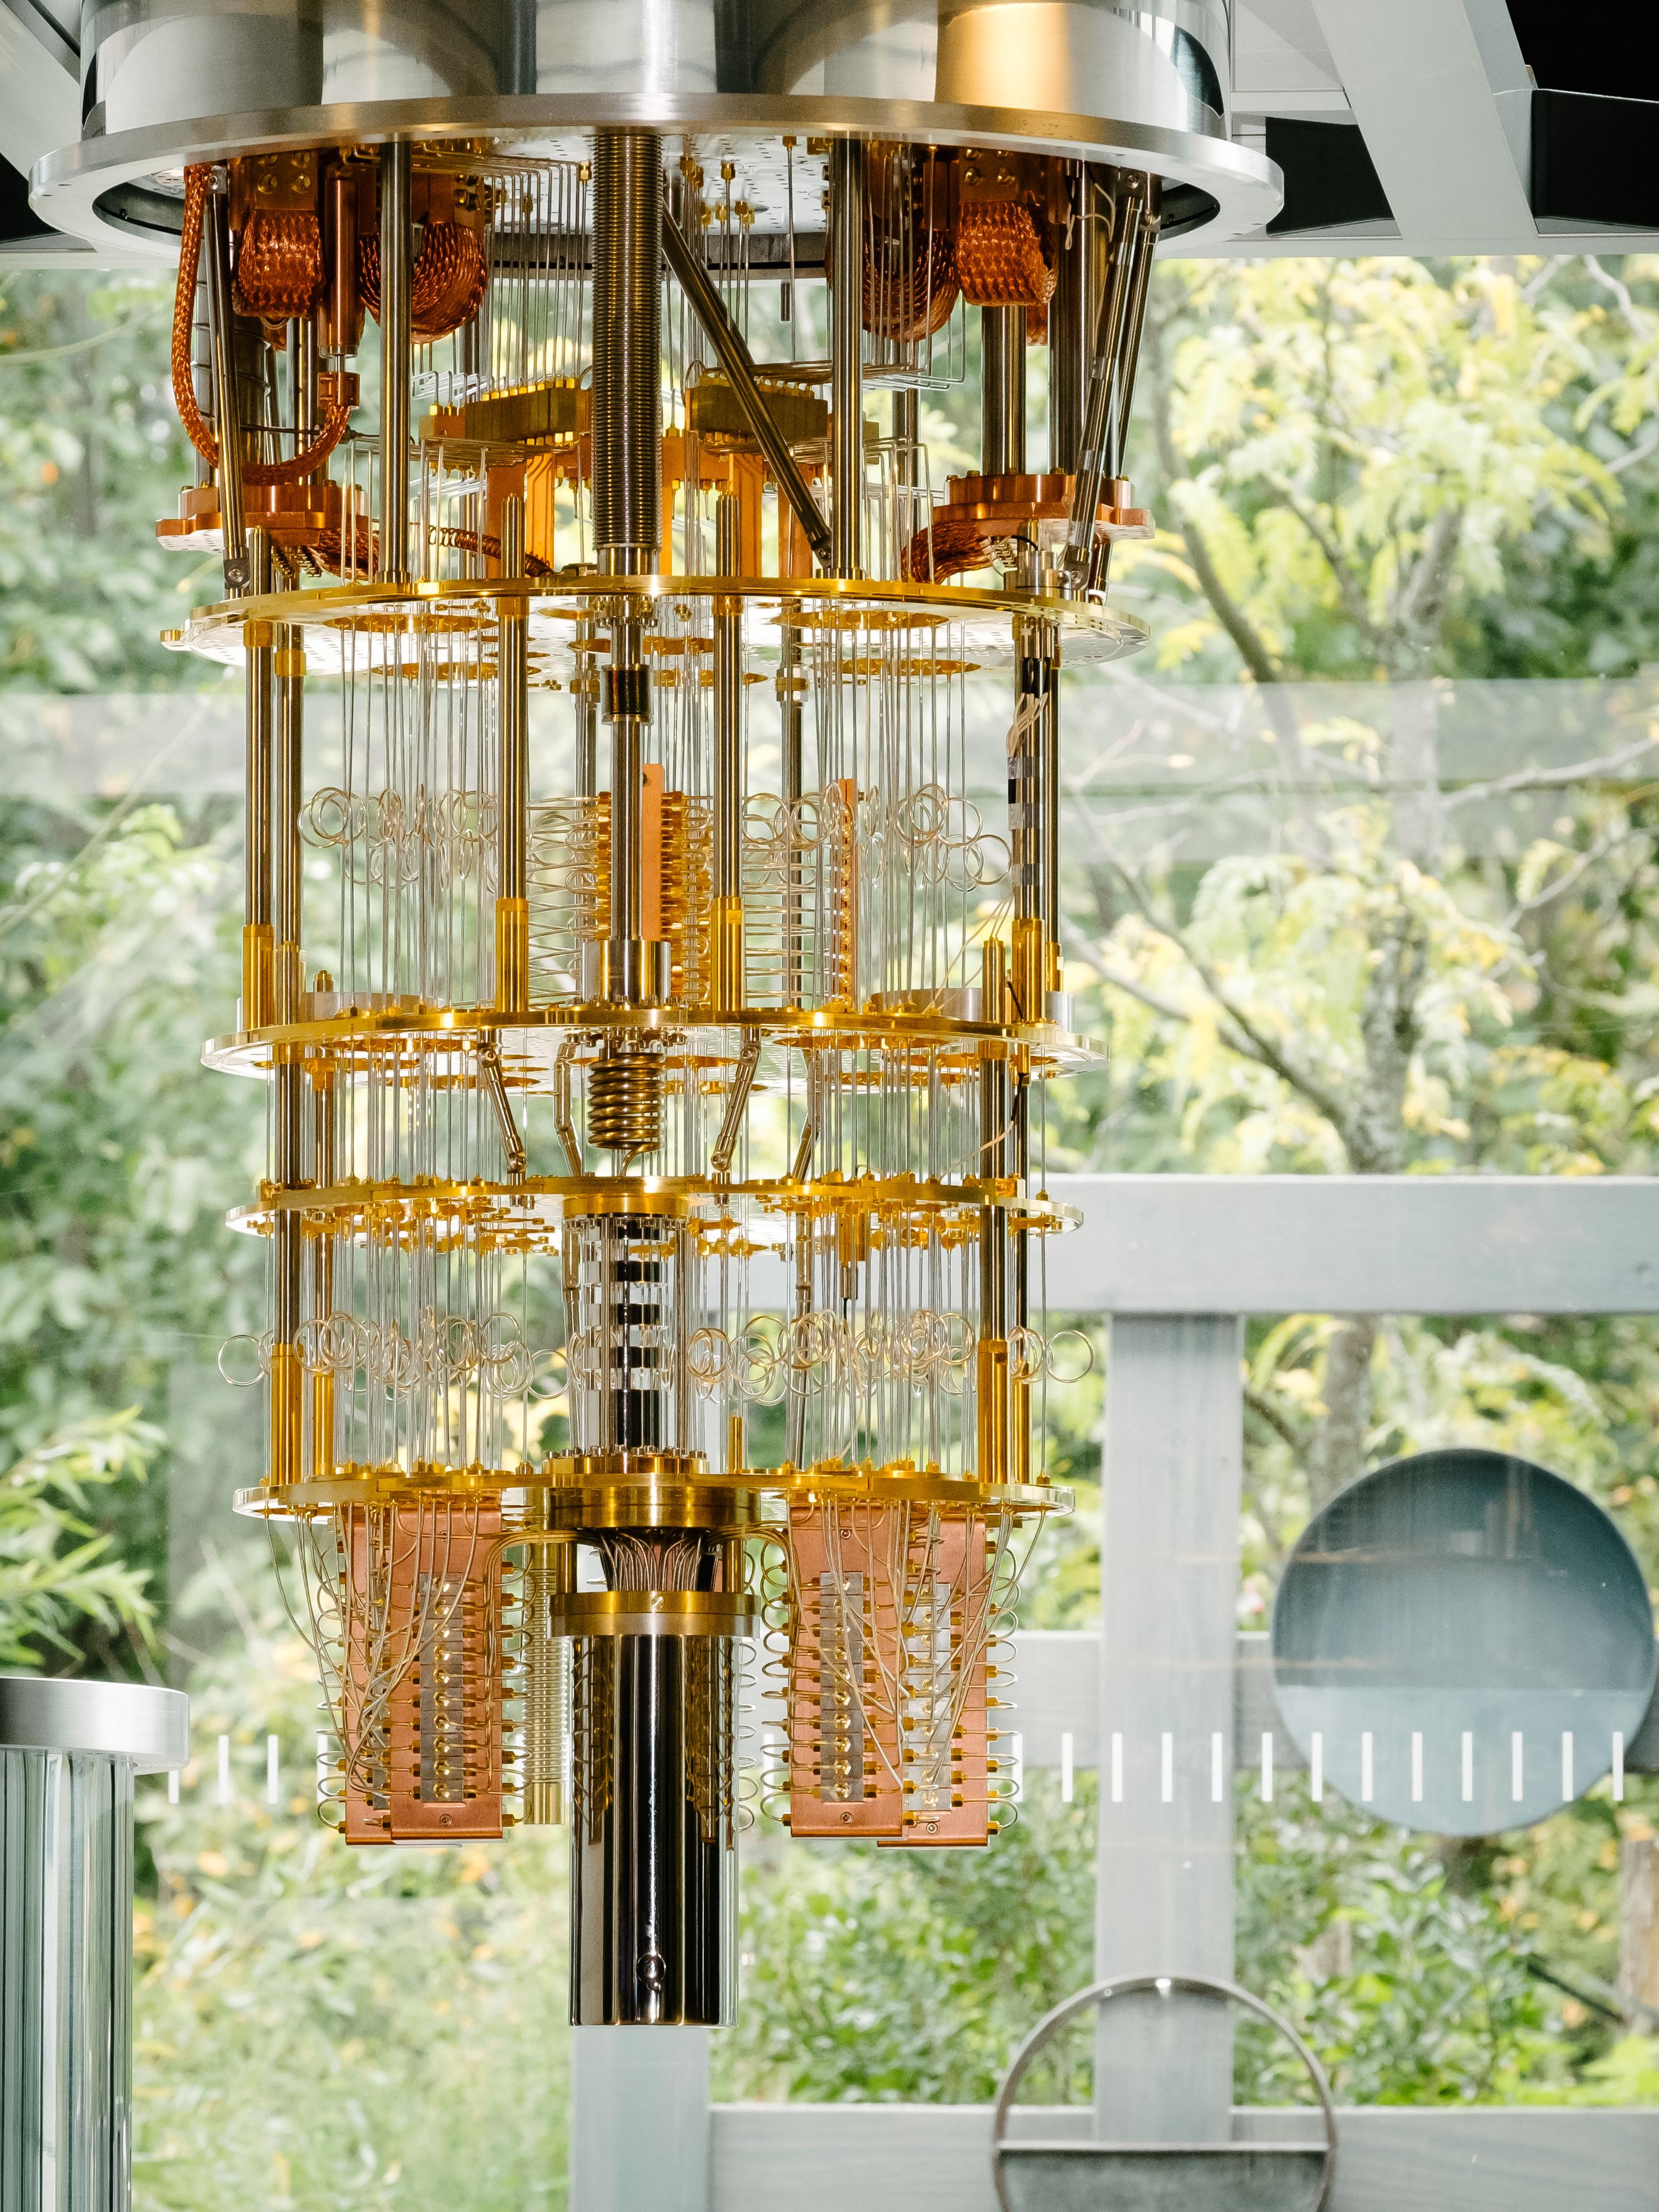 50キュービットの 量子コンピューターを IBMがついに発表